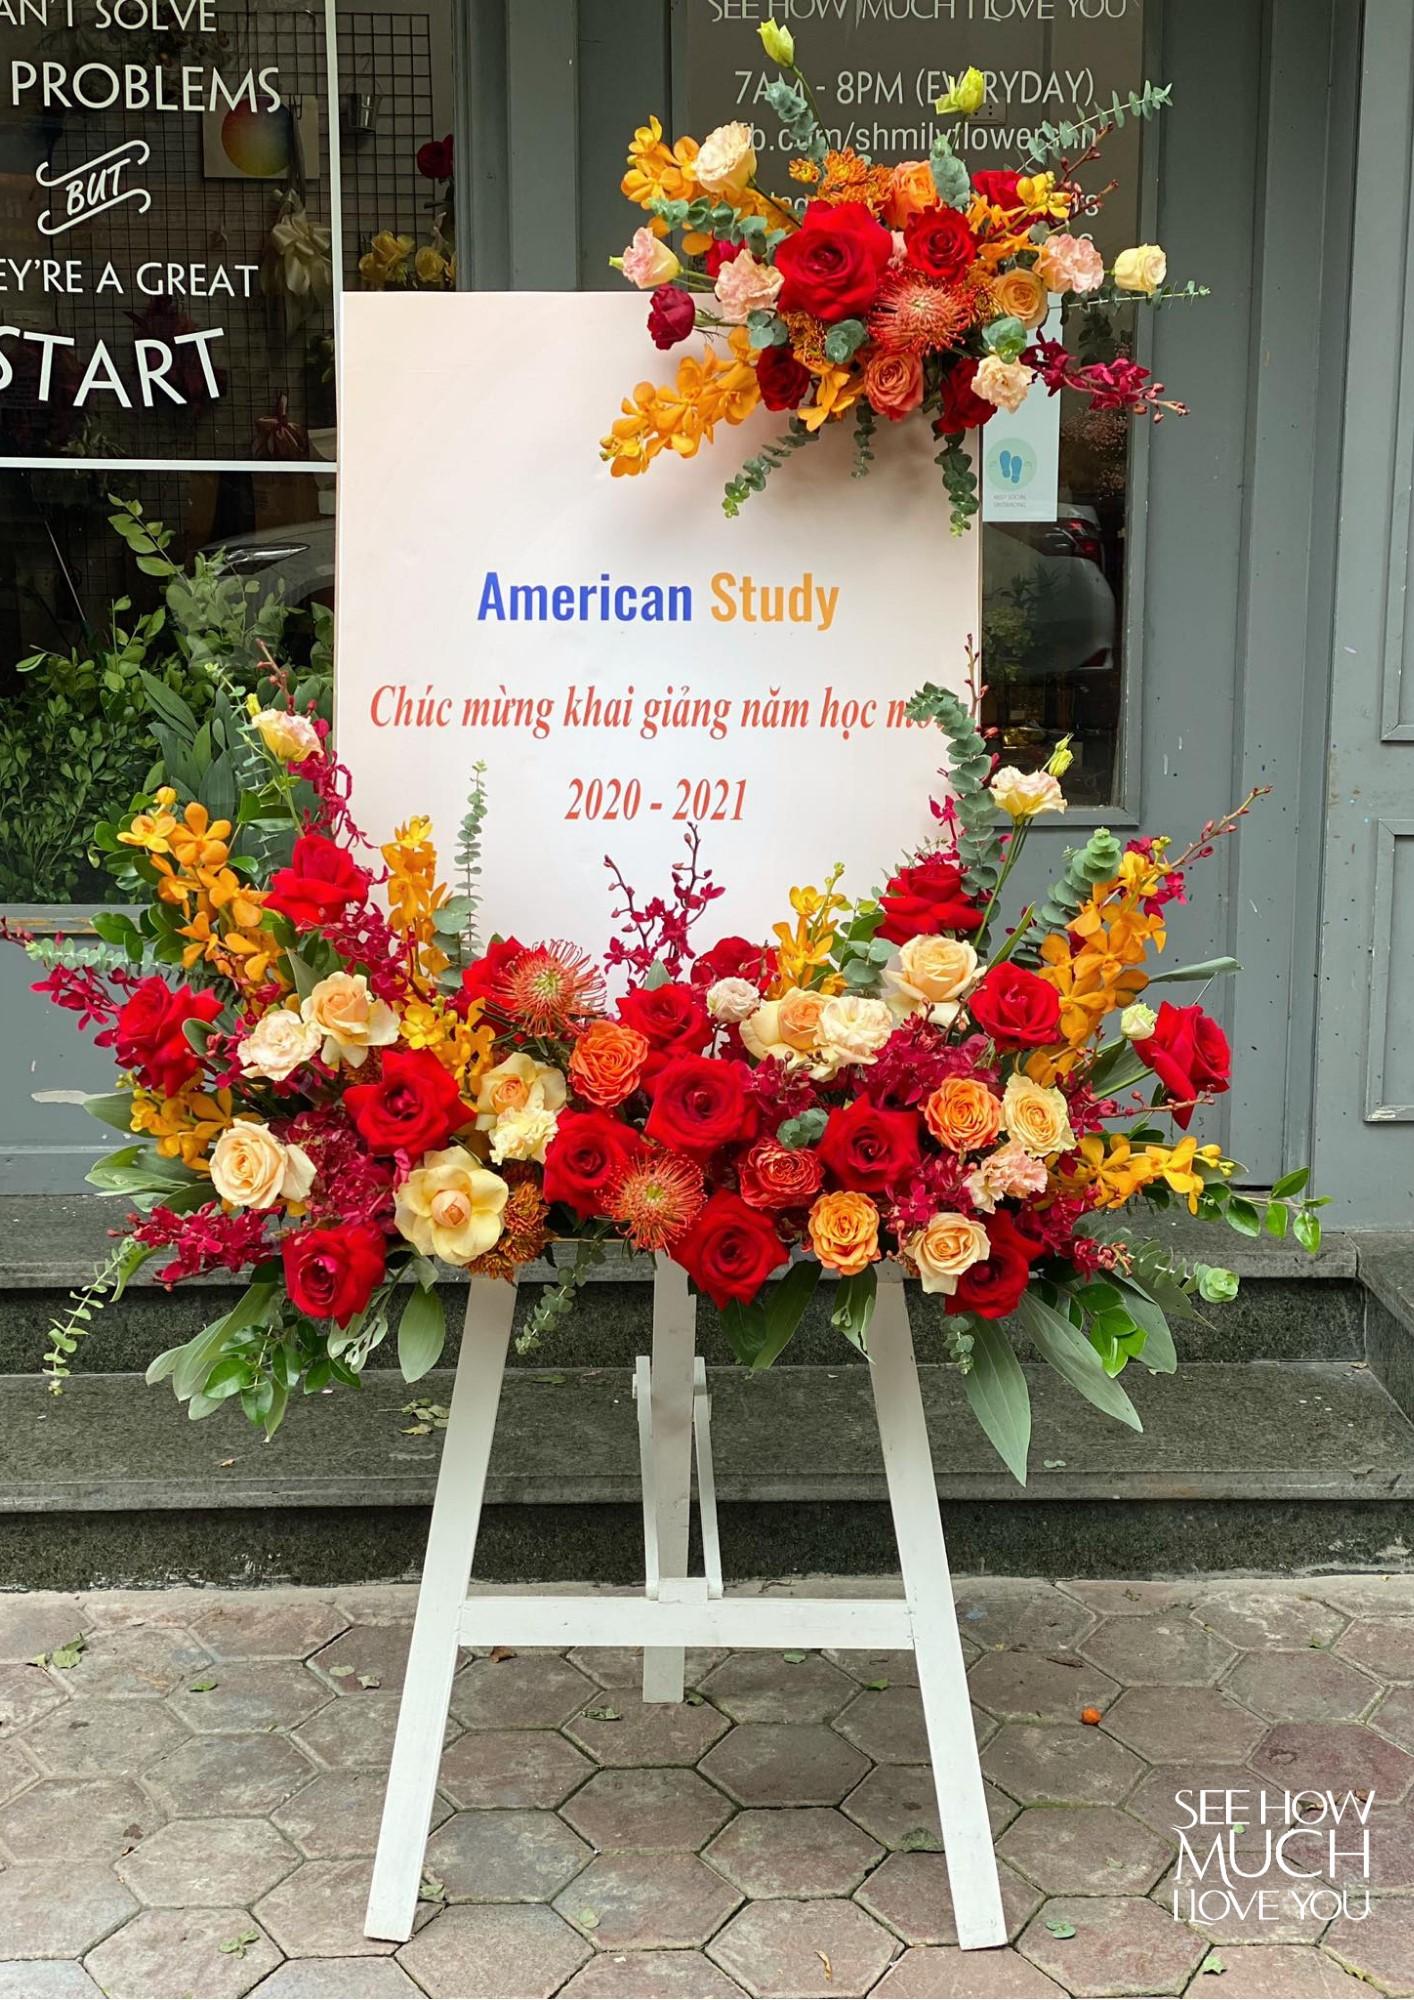 Tham khảo các mẫu lẵng hoa đẹp ngày 8/3 dành tặng phái nữ  - Ảnh 19.